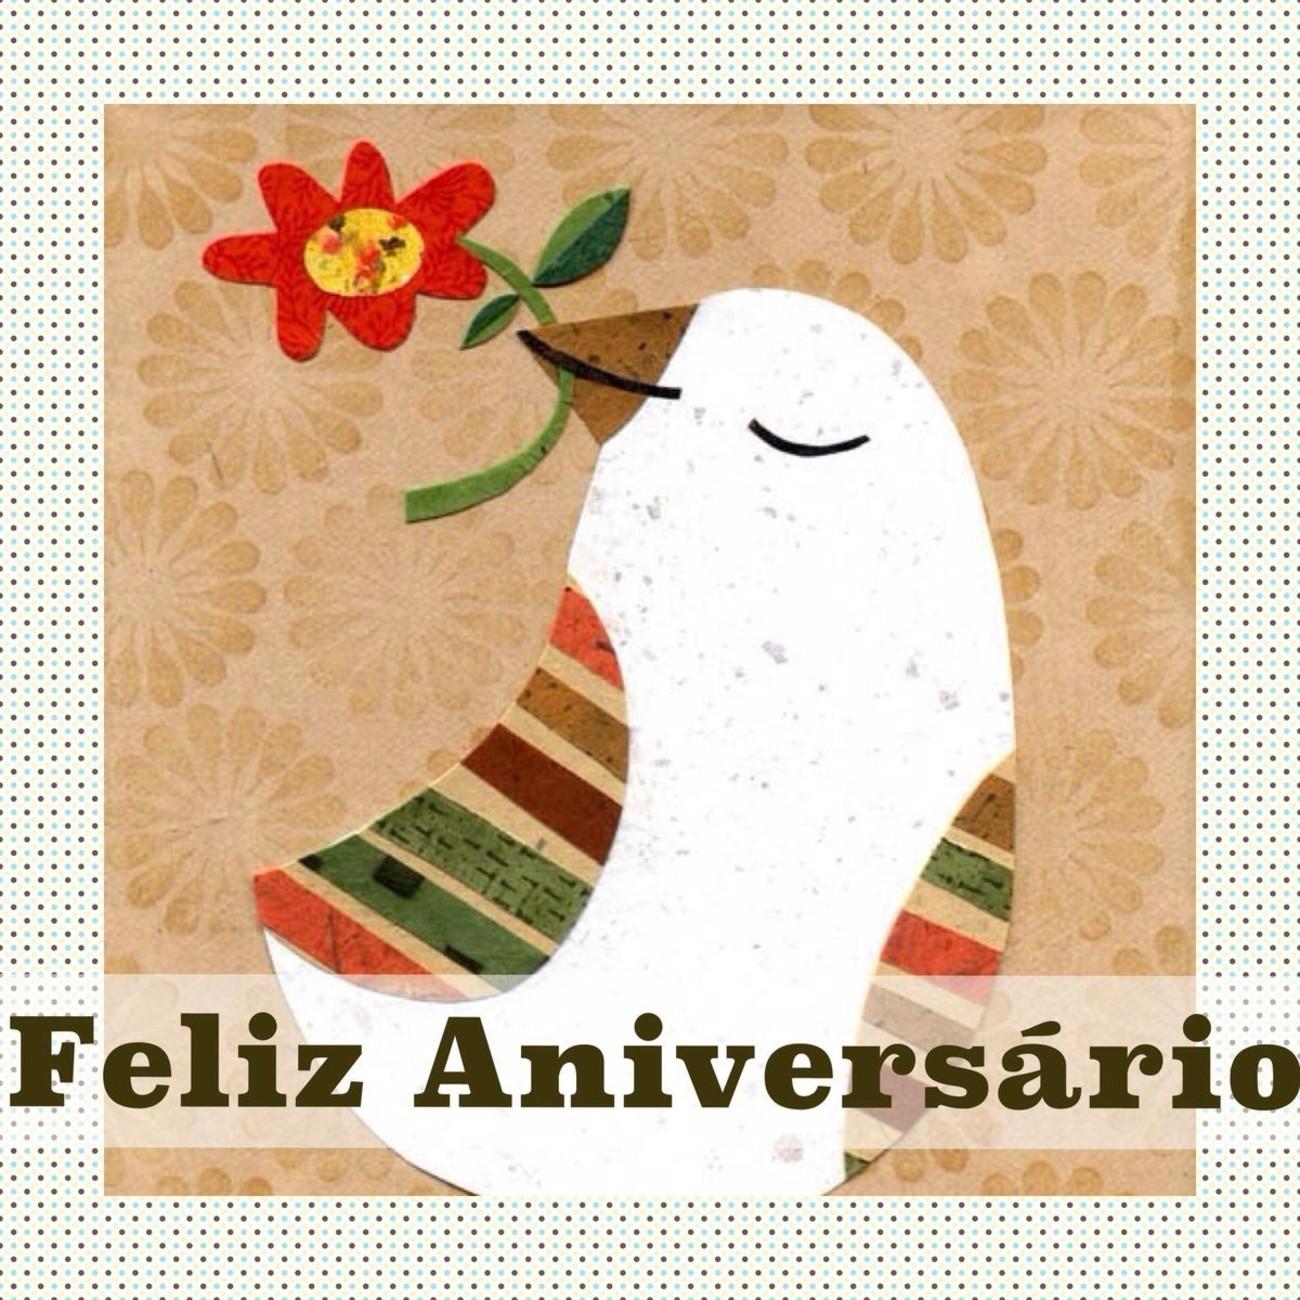 Feliz Aniversario Imagens Belas Lindas para Facebook Whatsapp 70